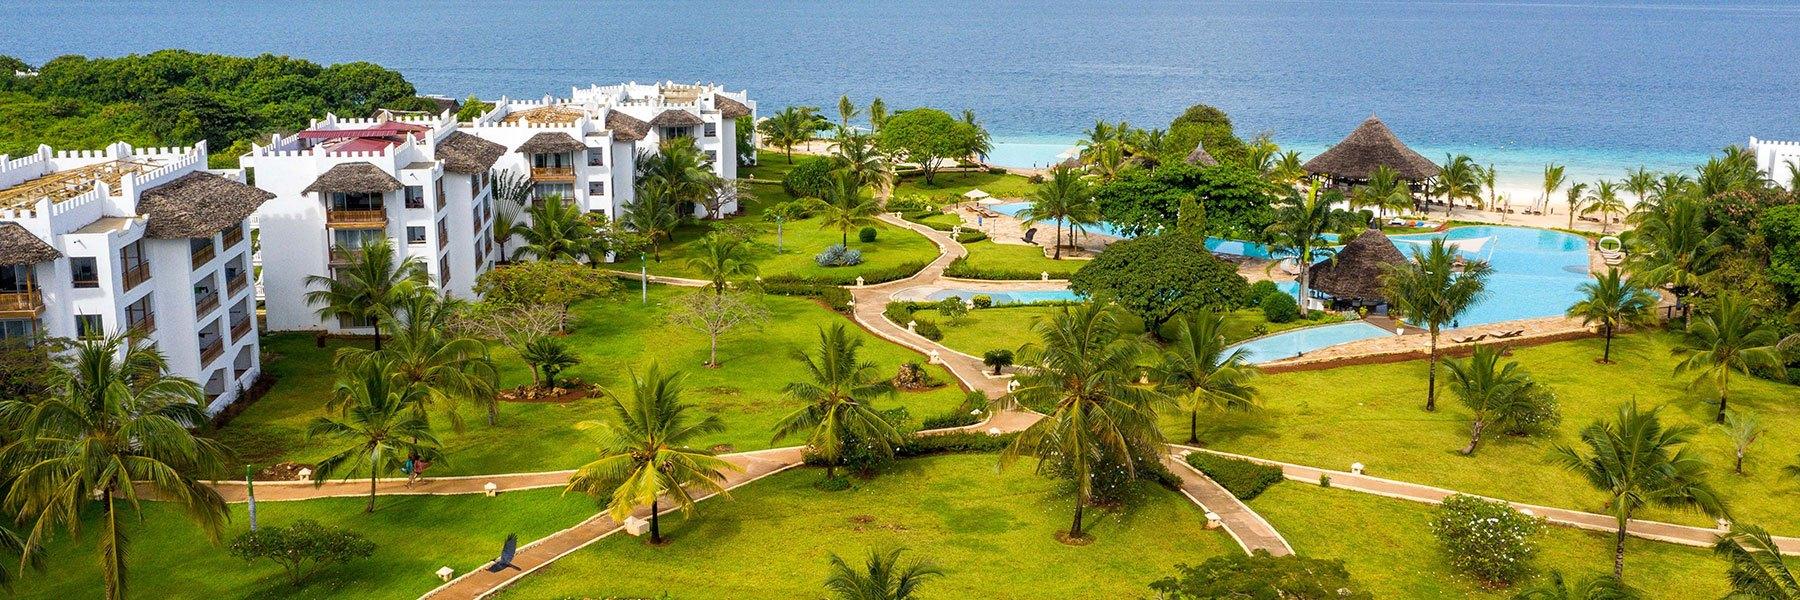 Nungwi Beach Hotel